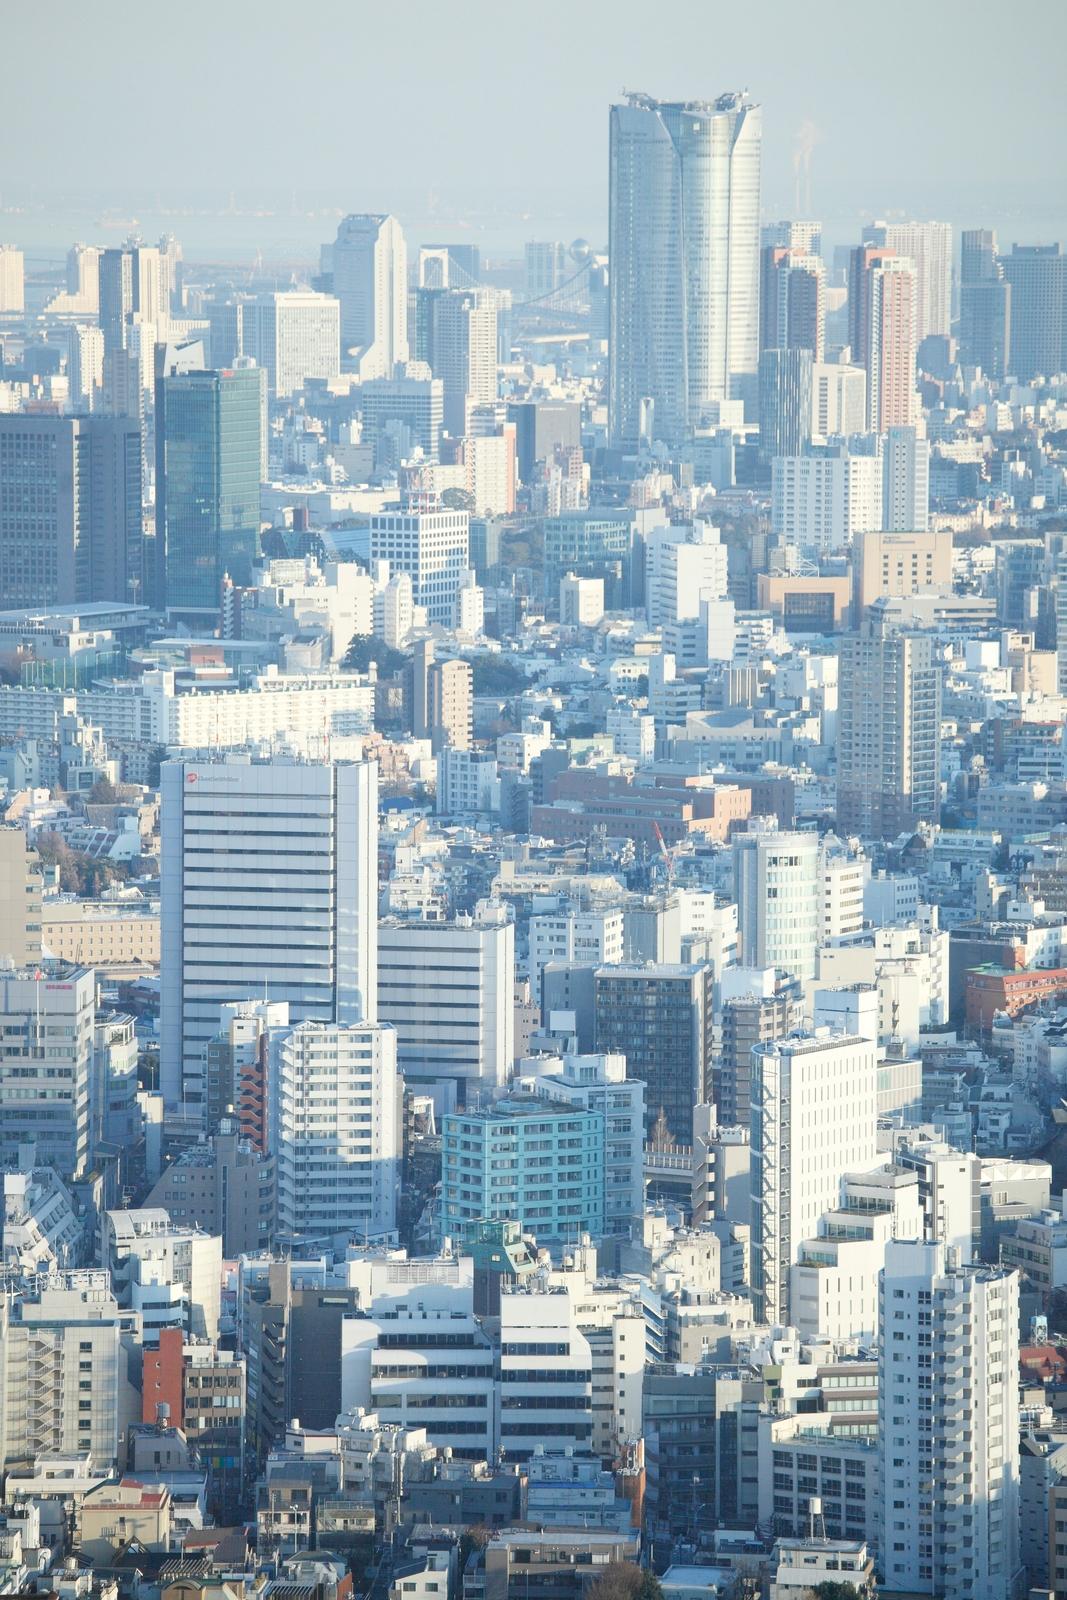 建物構造の違いを理解しないと騒音トラブルの可能性大!